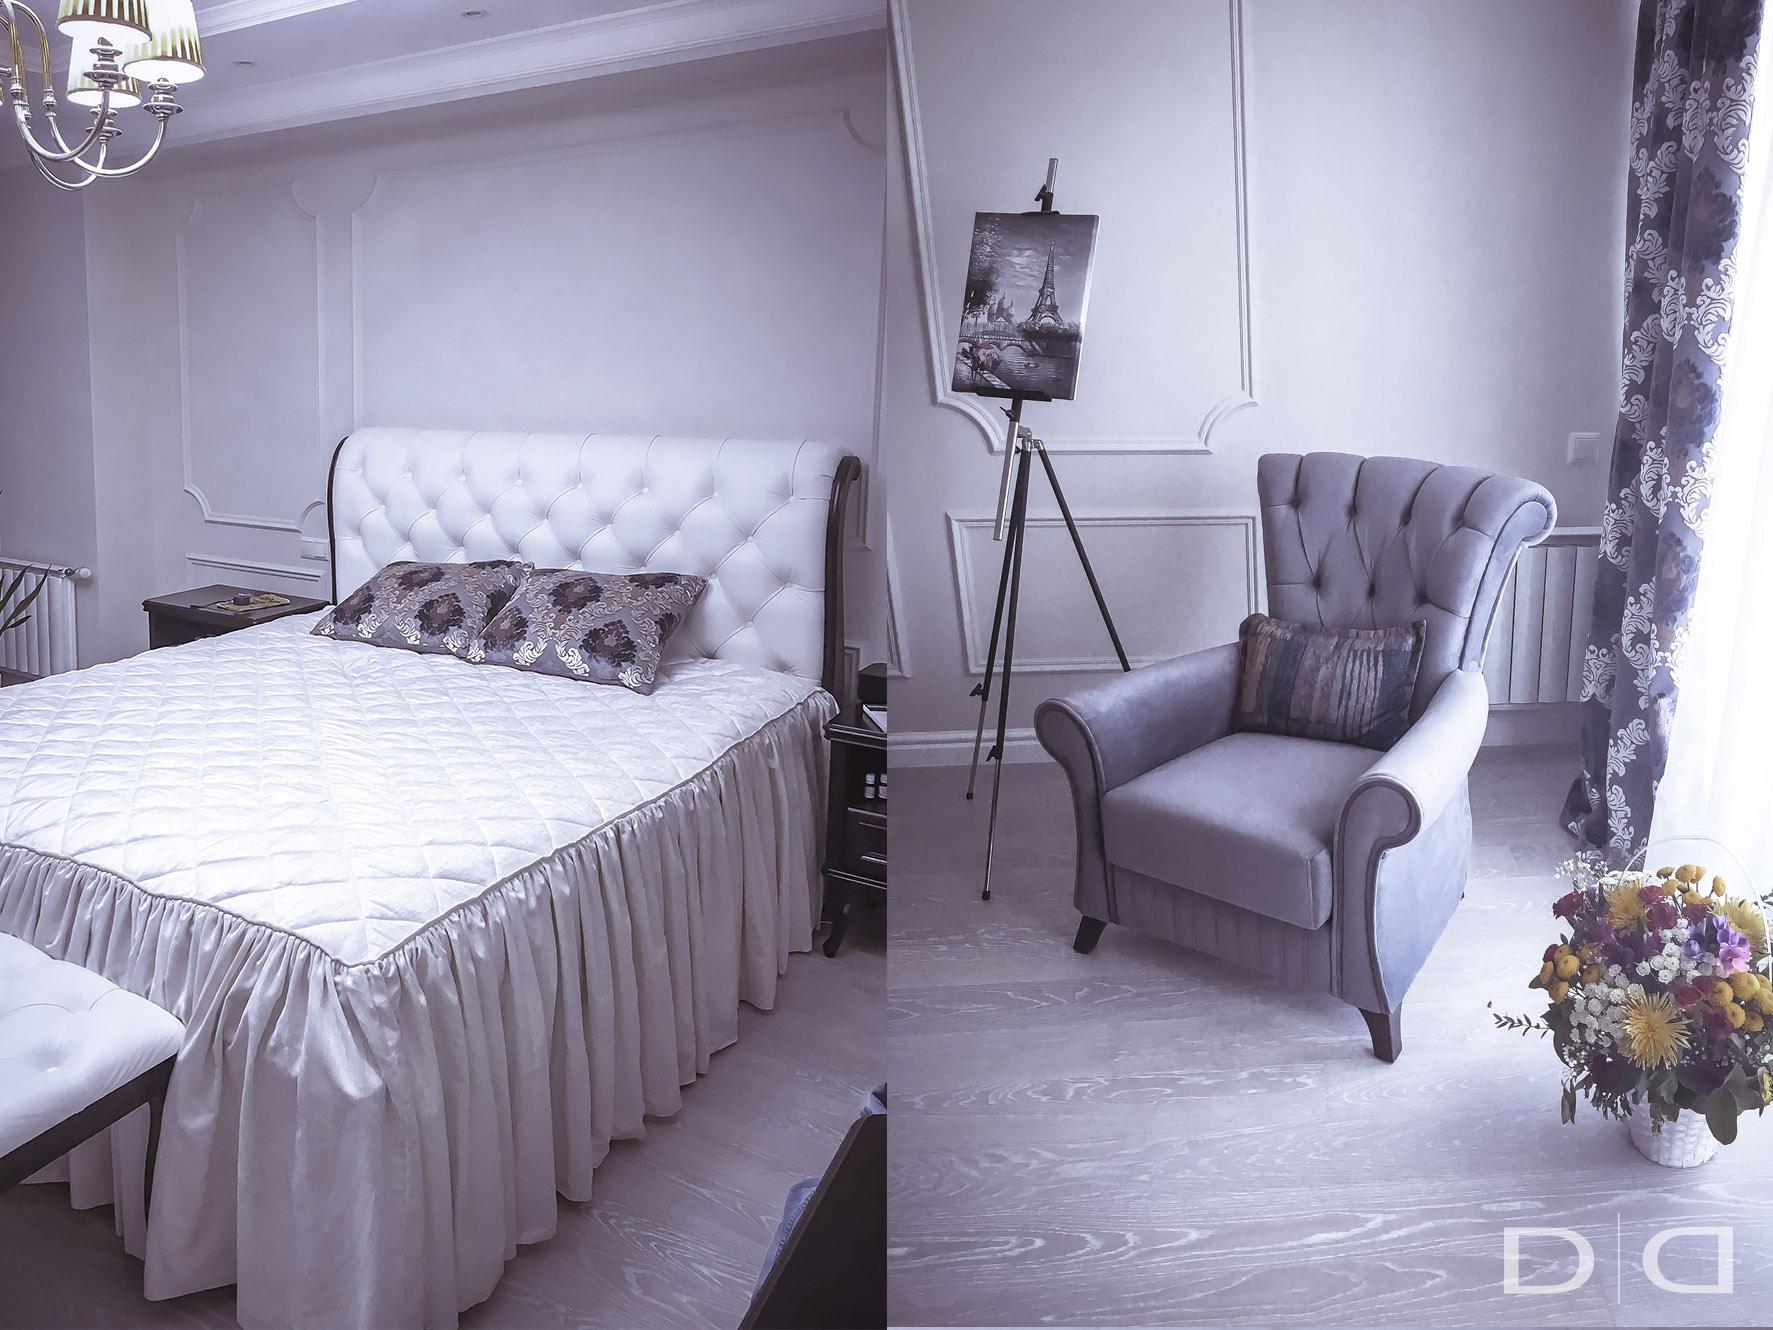 101_dd-interior_studio_design_project_minsk_009-13